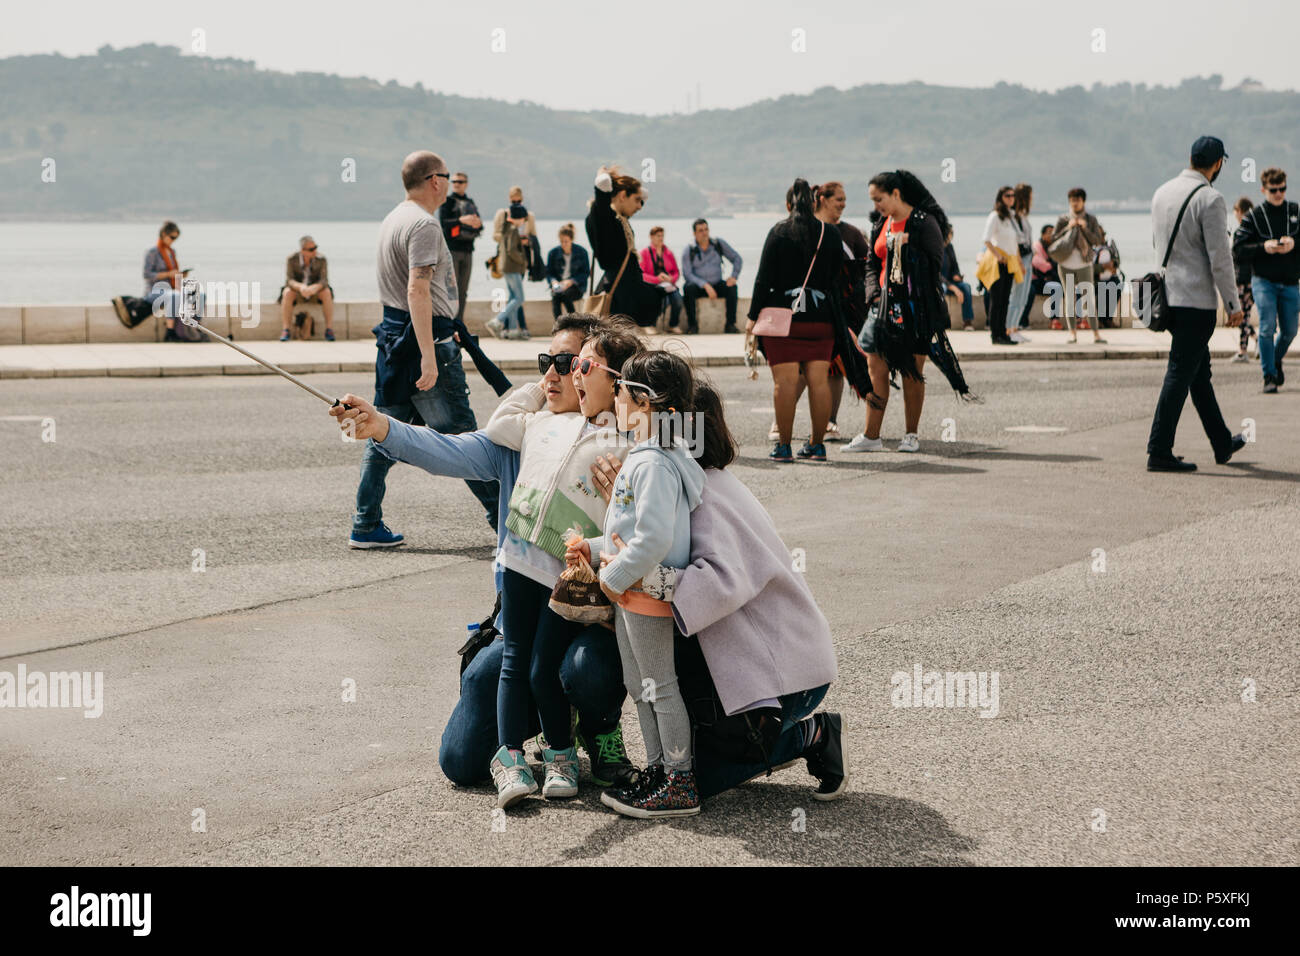 Portugal, Lisbonne, 1 mai 2018: un jeune père de famille, la mère et les deux filles faire une selfies émotionnelle dans le secteur riverain de Belem. Les gens marchent autour de Photo Stock